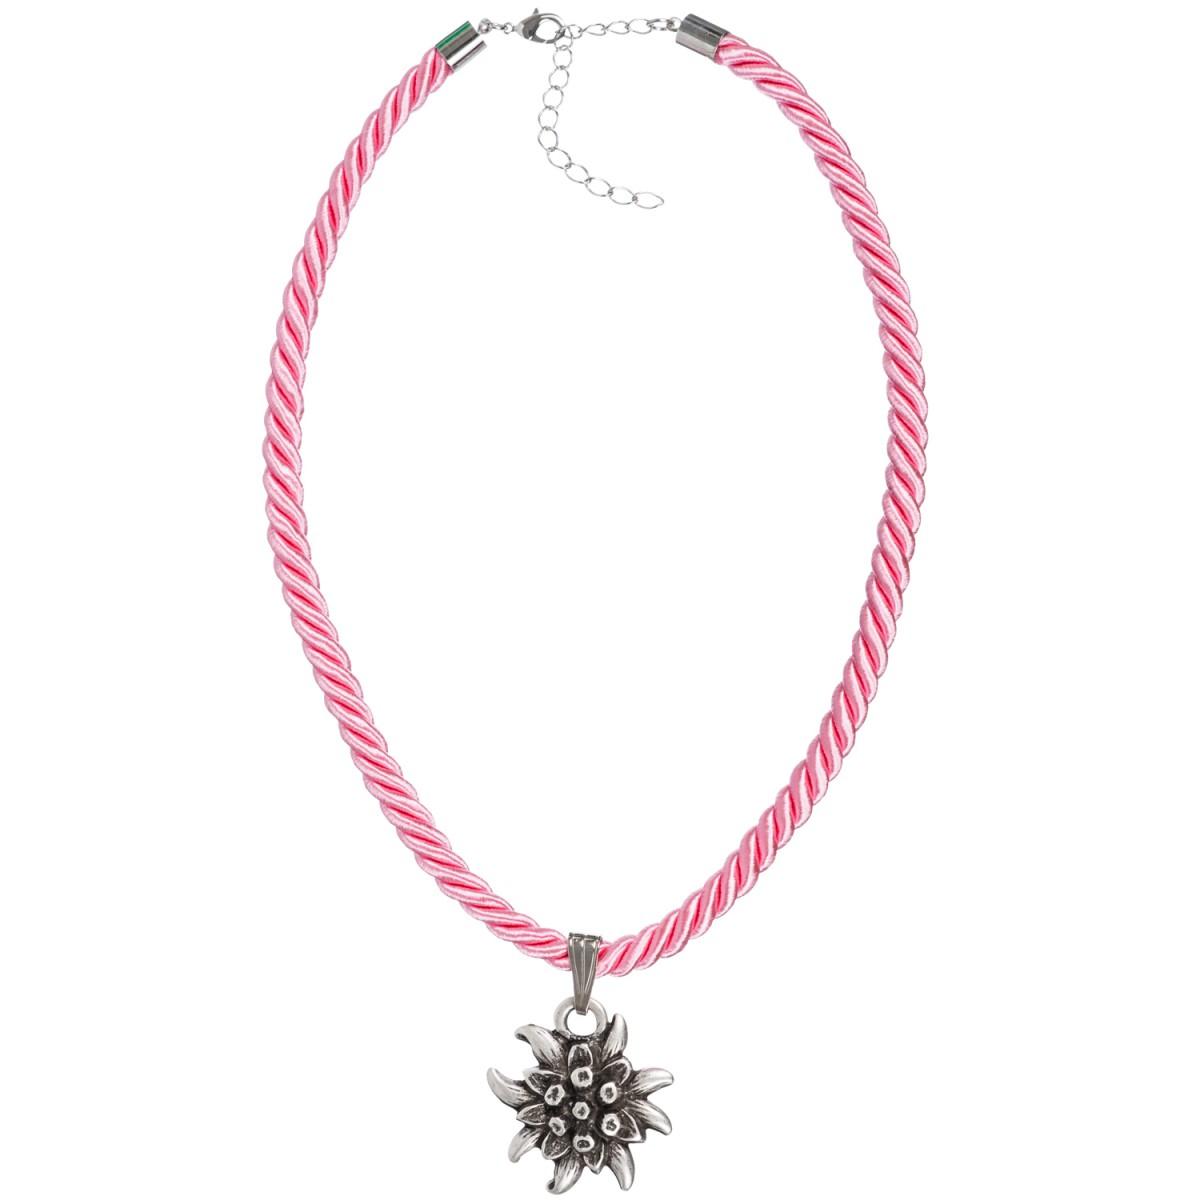 Kordelkette in Rosa mit Edelweiß von Schlick Accessoires günstig online kaufen